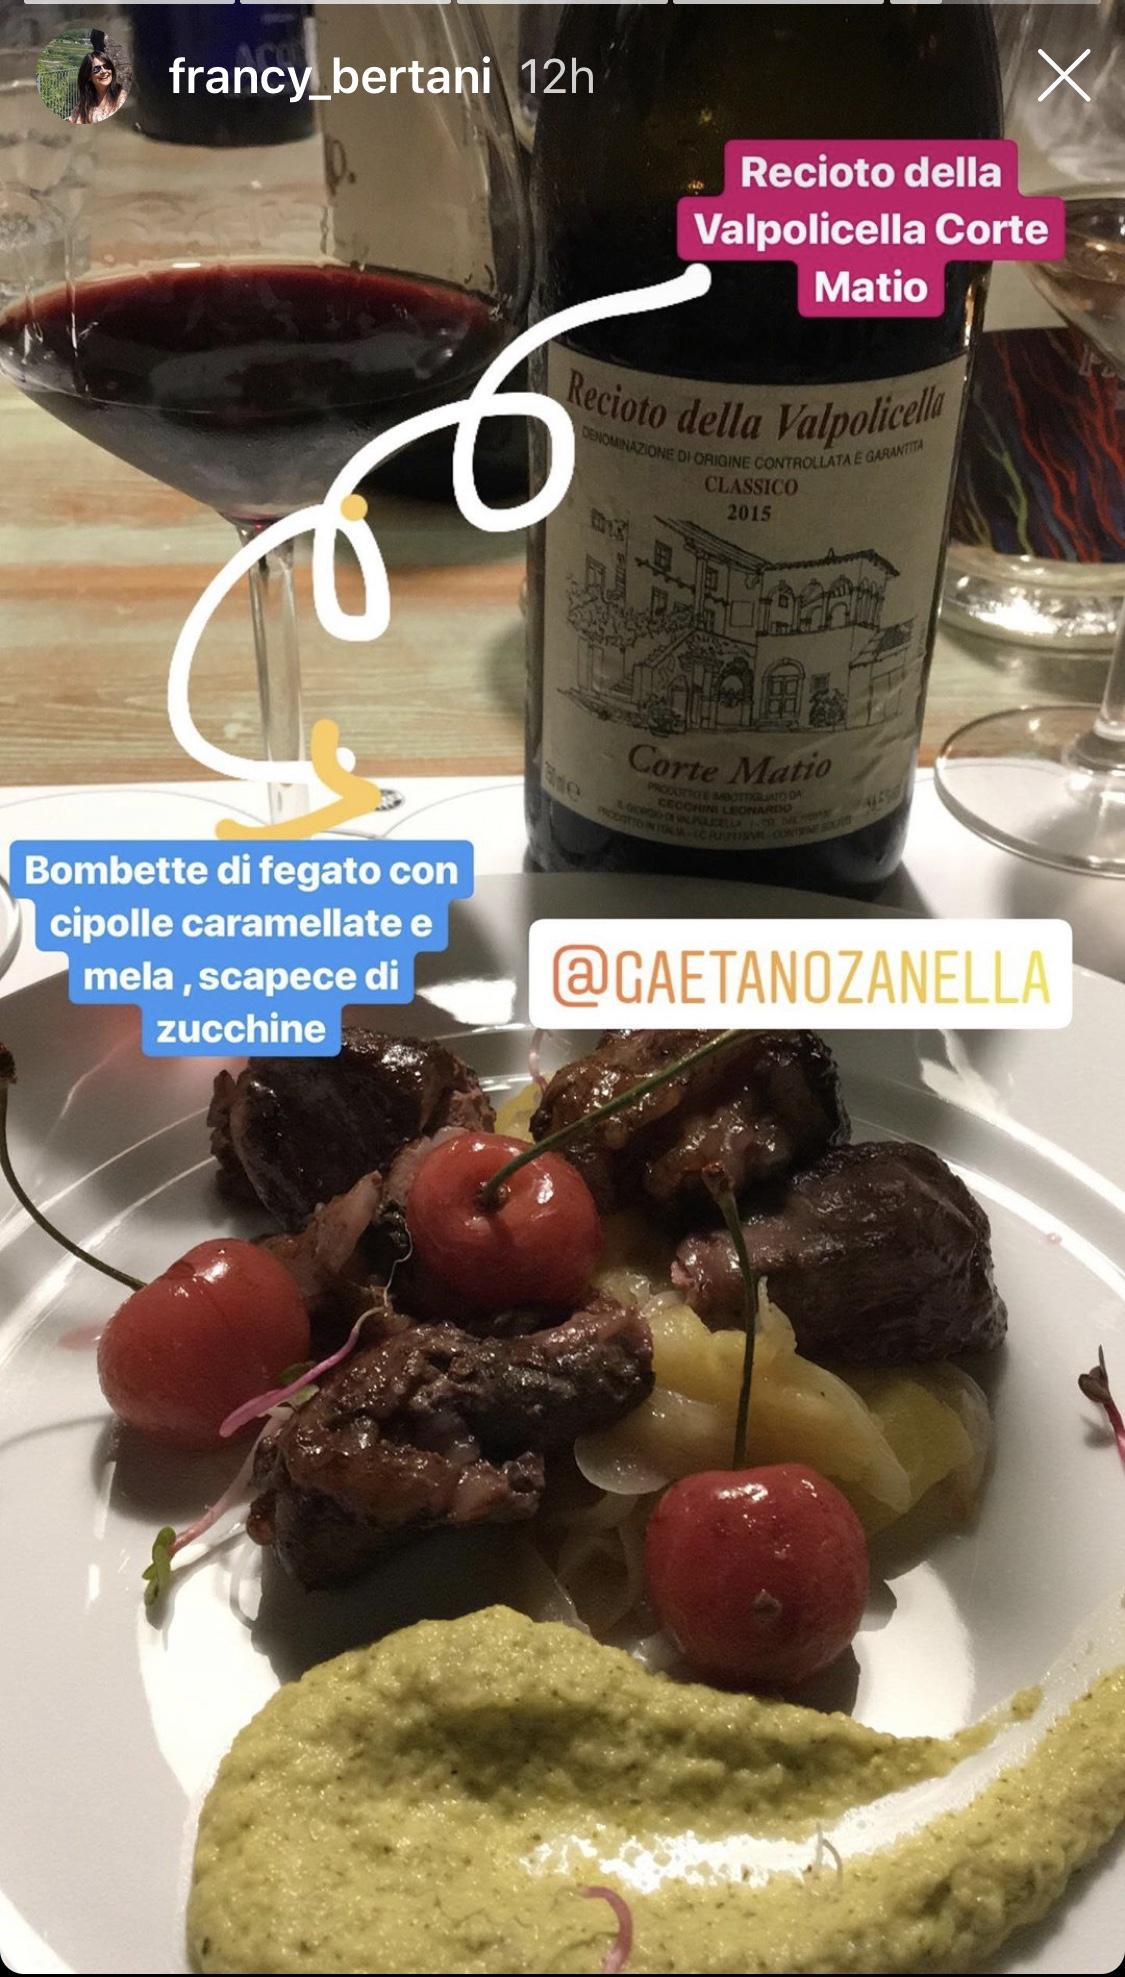 Il Recioto della Valpolicella servito con una pietanza - foto da Instagram, di Franca Bertani.